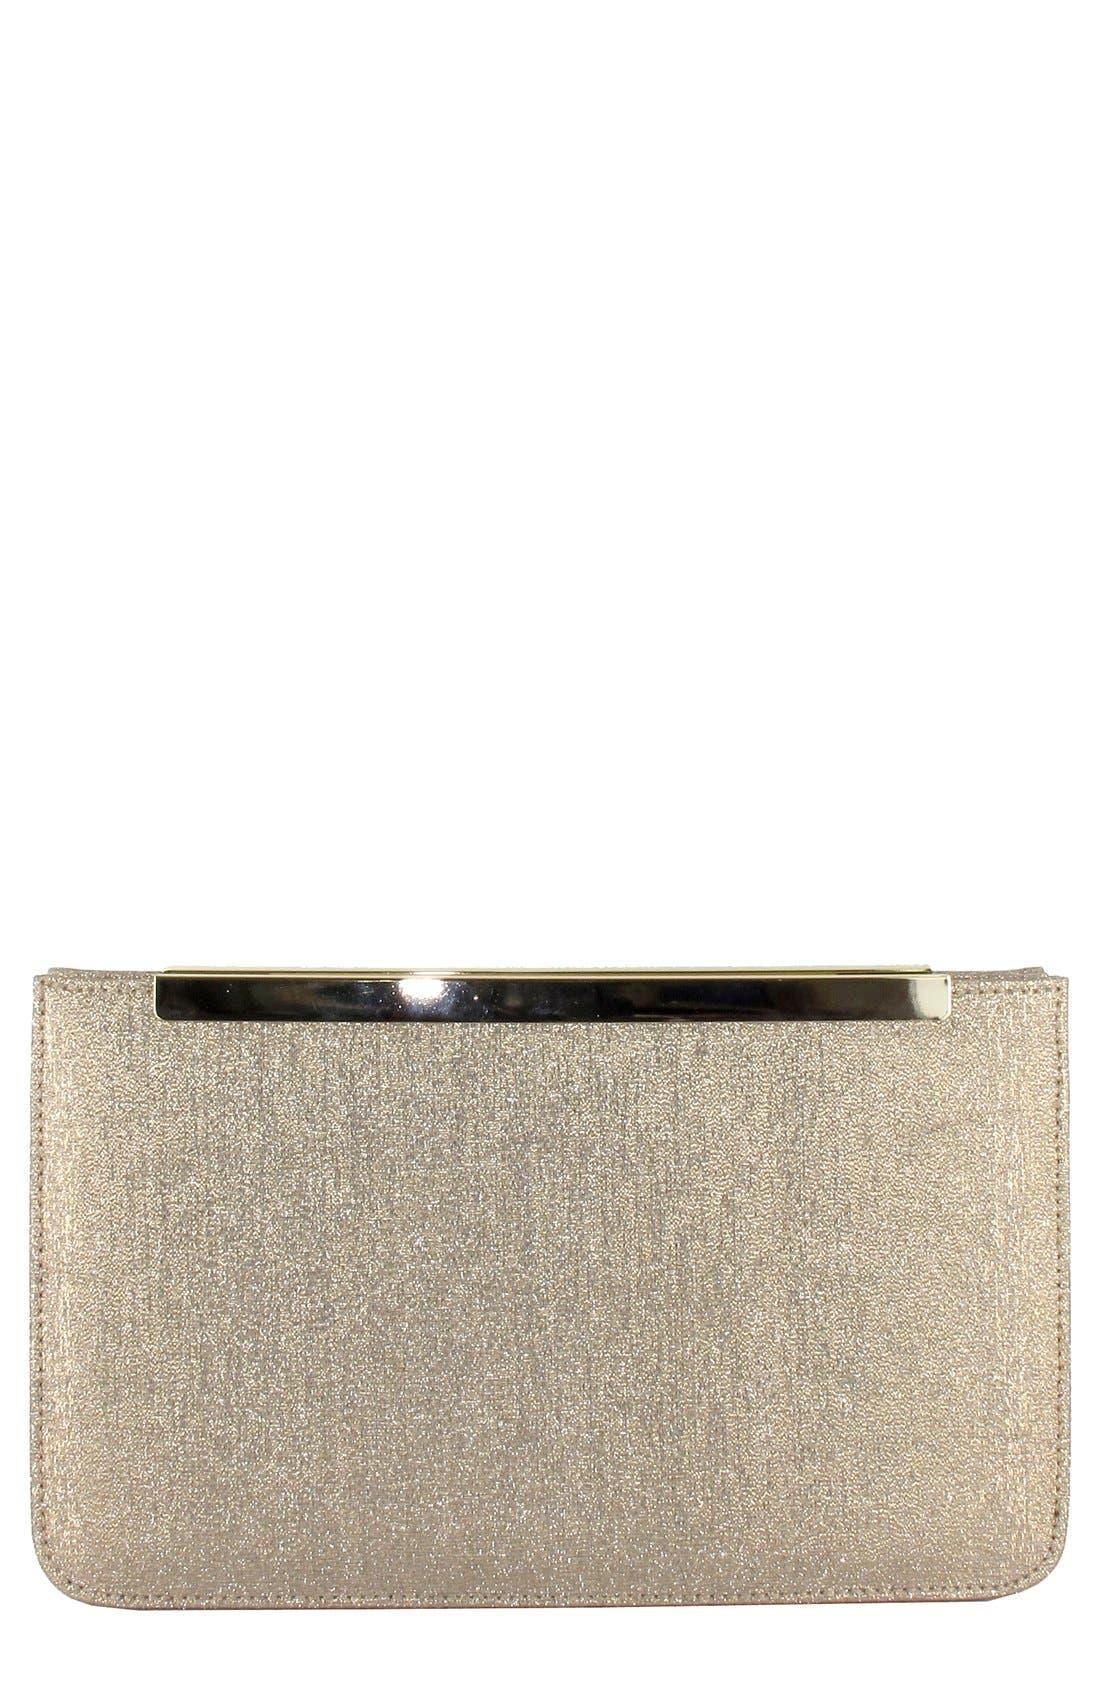 Menbur Metallic Clutch